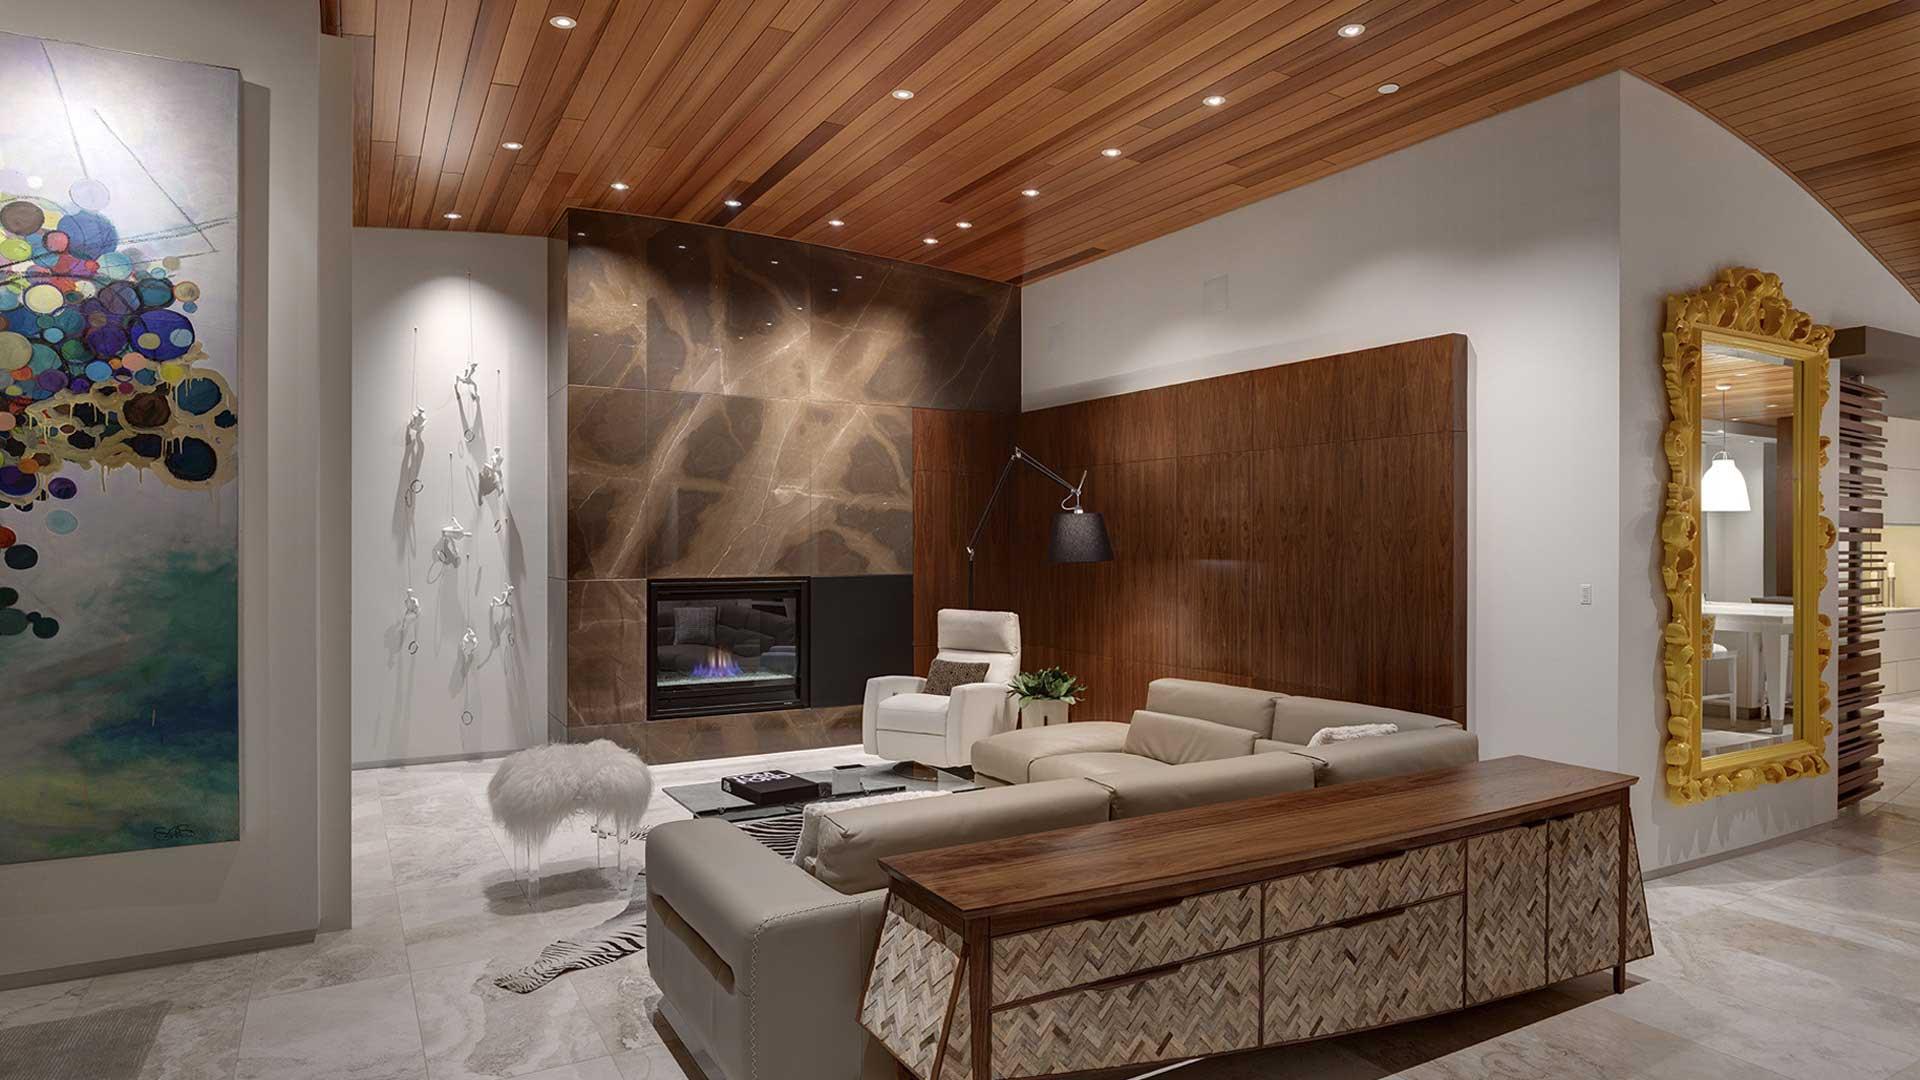 Adagio Penthouse Interior, Living Room View, HAUS Architecture